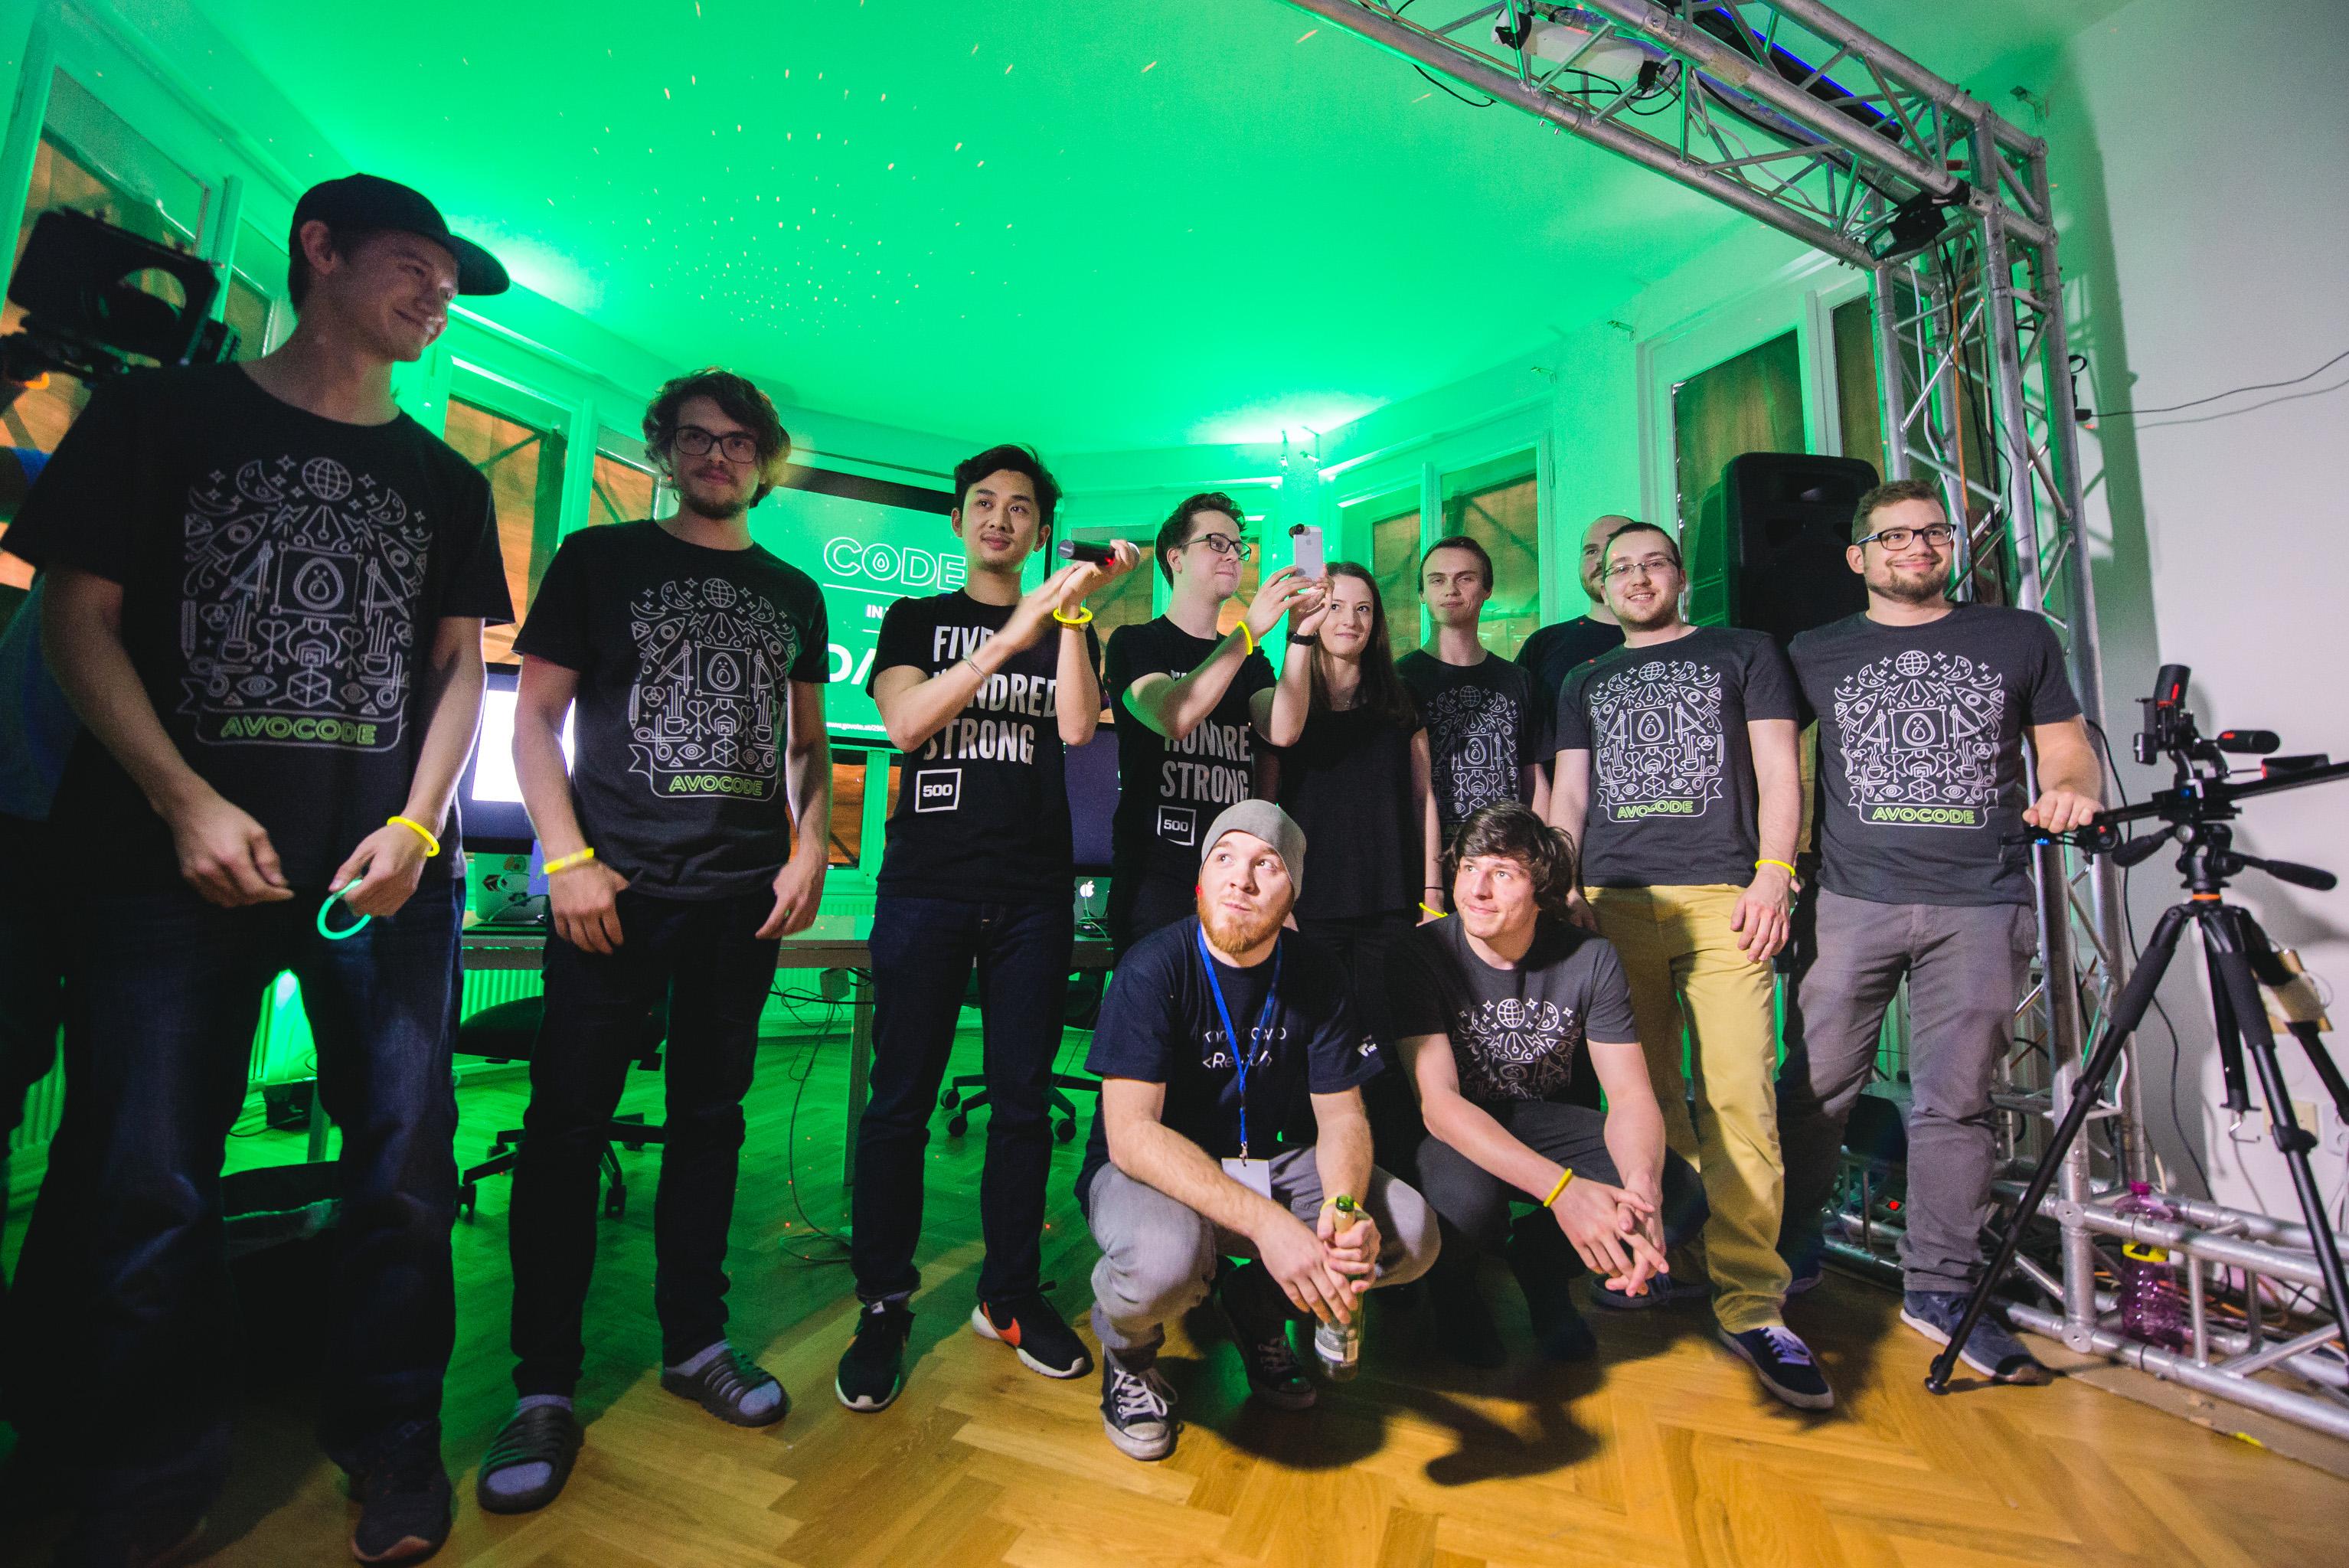 Část týmu představuje akci Code in the Dark